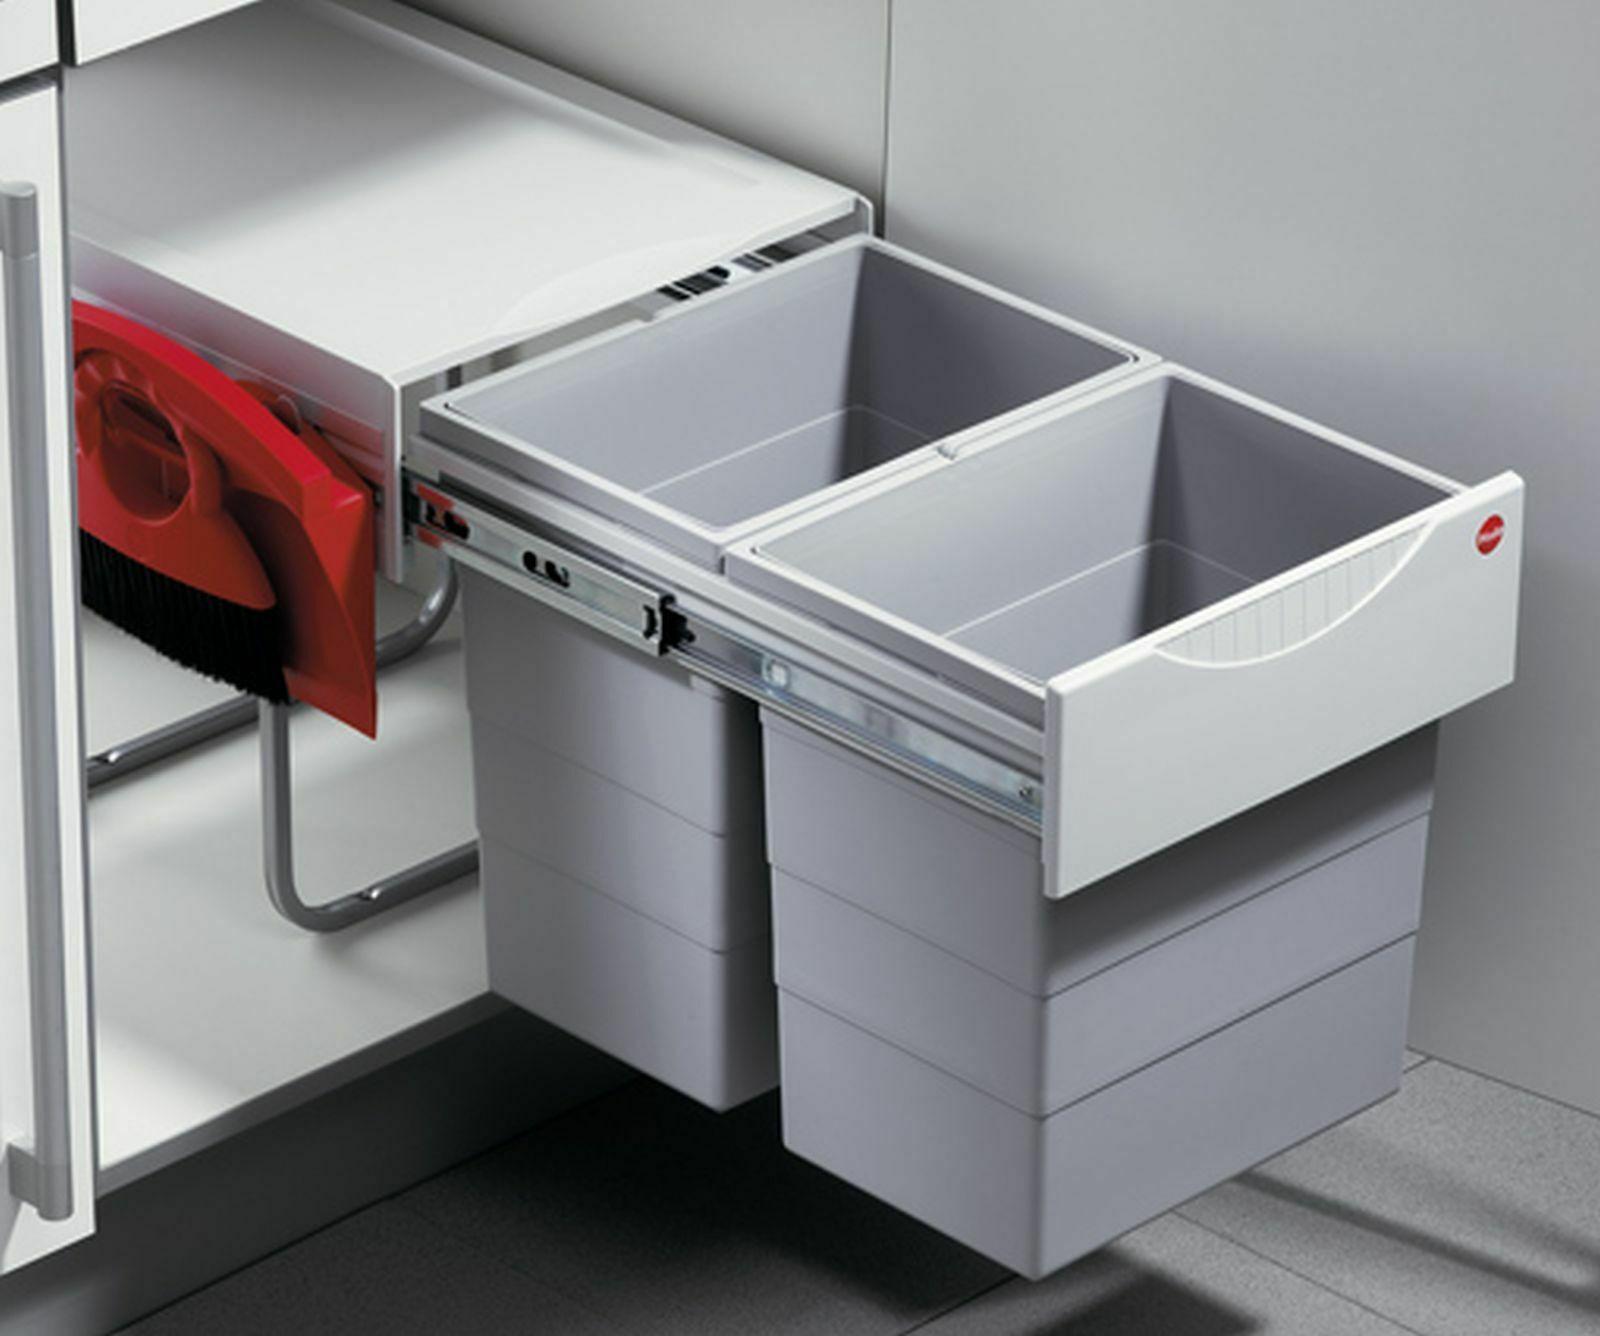 Einbau-Mülleimer Küche Hailo Abfalleimer 40L Mülltrenner Müllsammler *516599